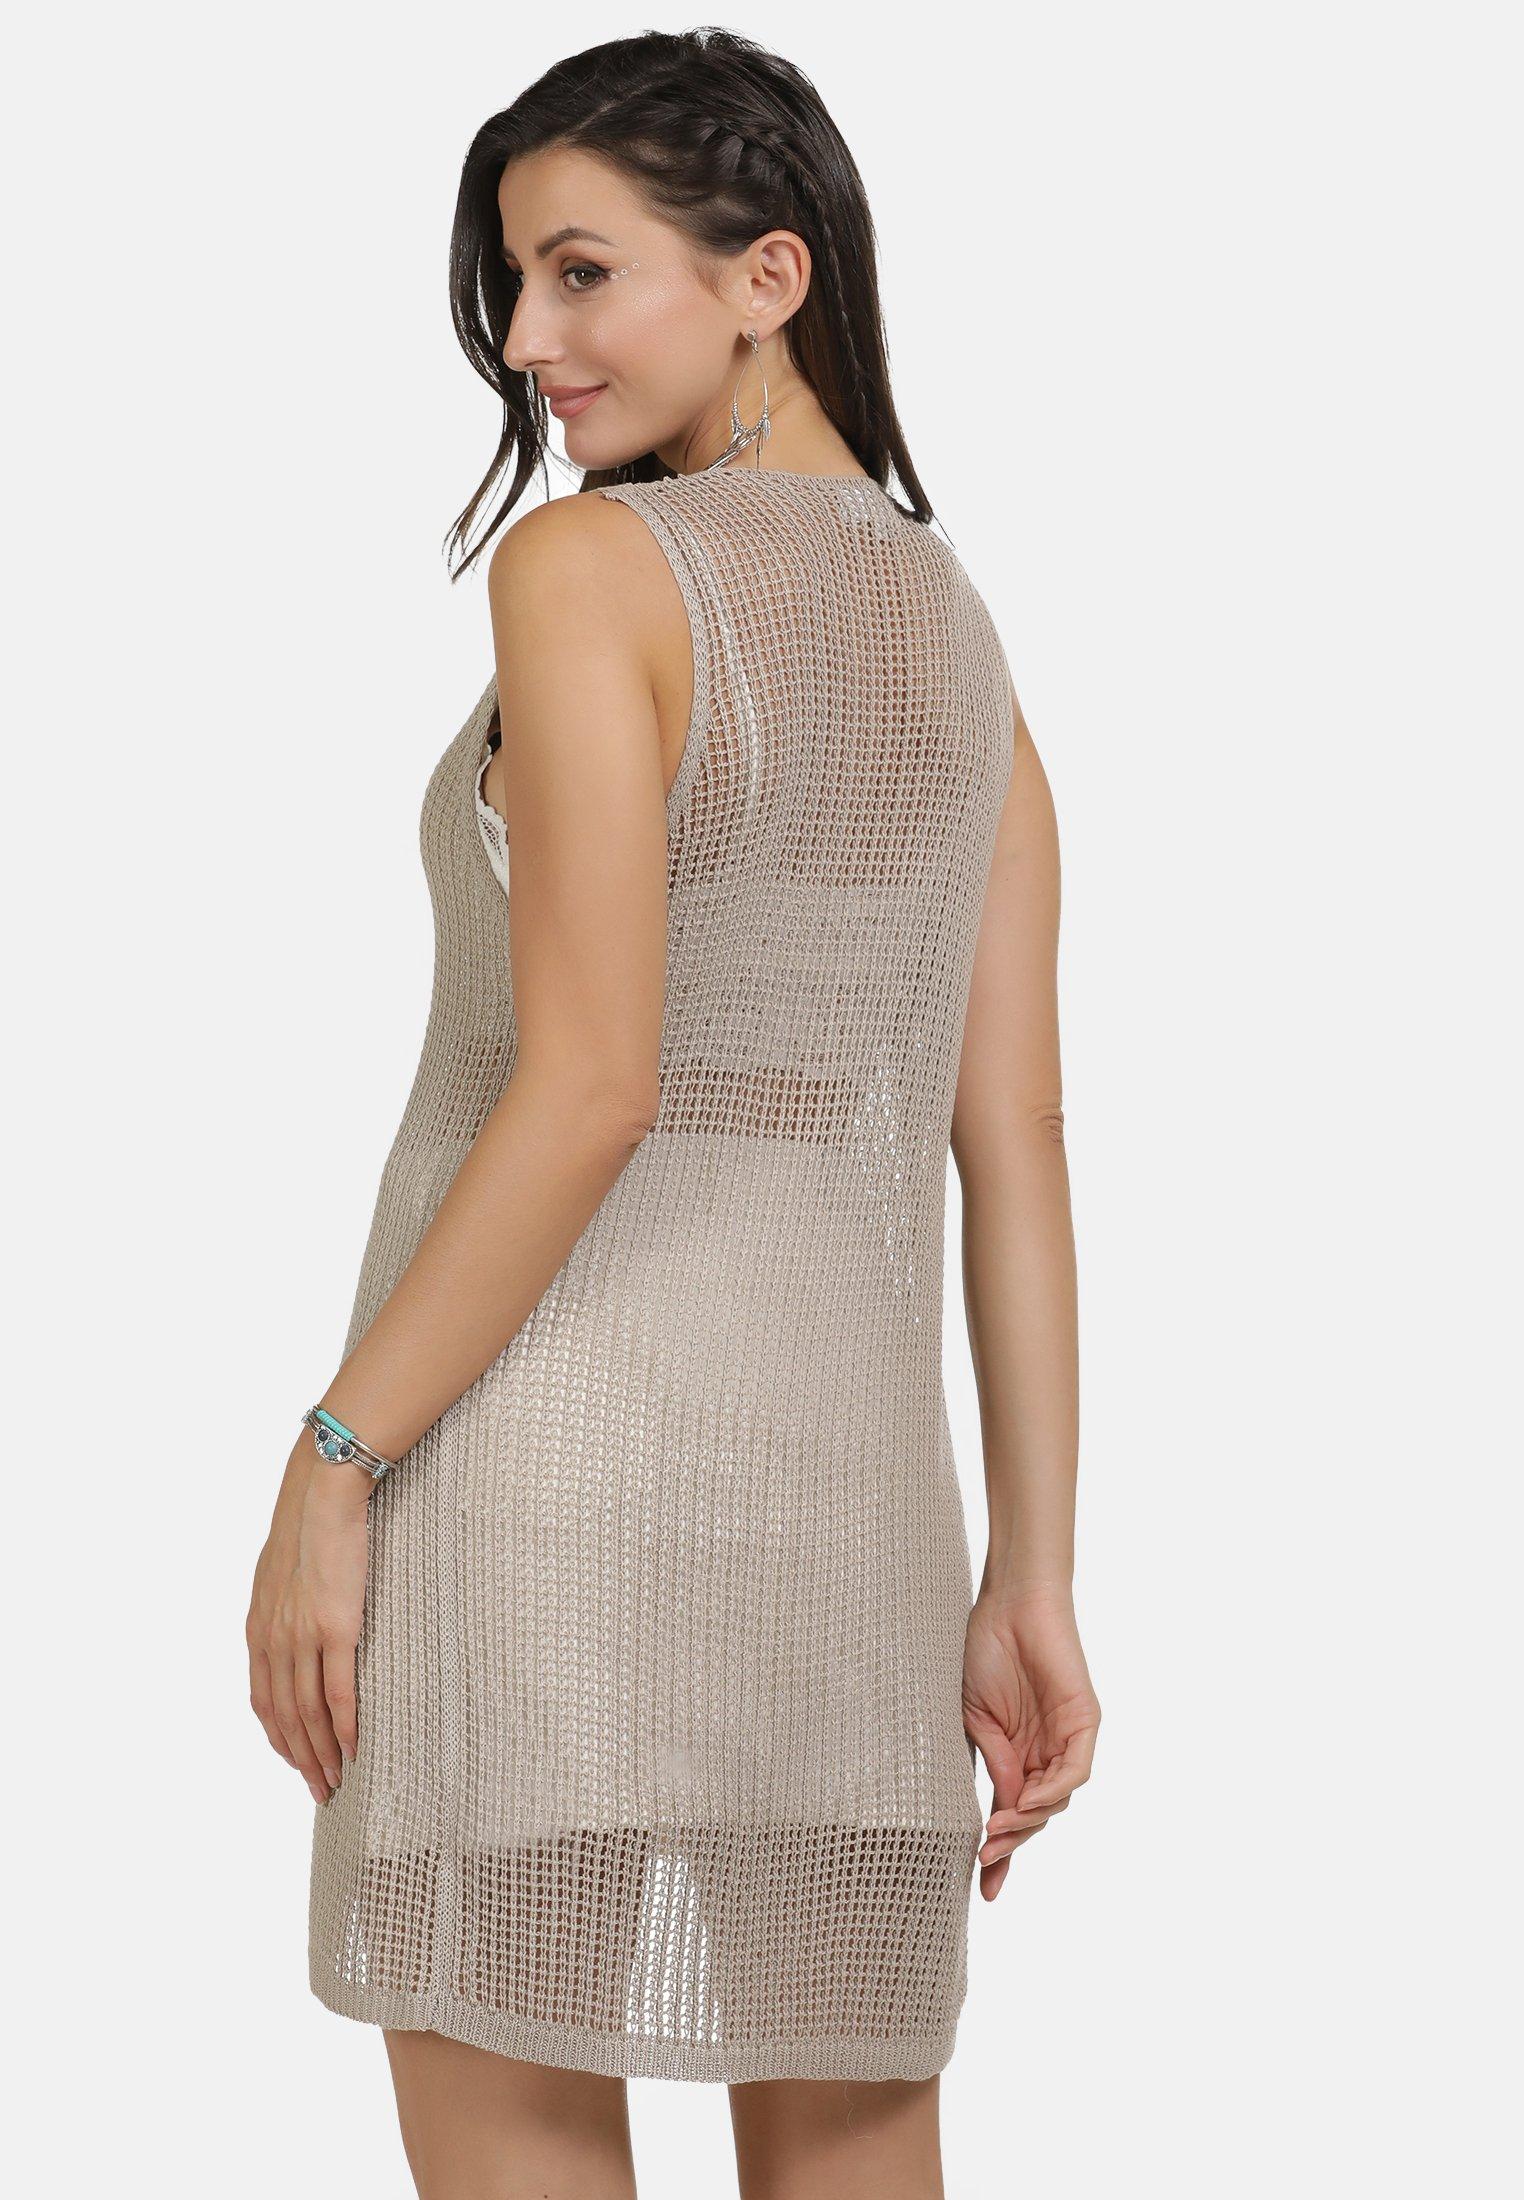 Good Selling Women's Clothing usha WESTE Cardigan taupe jHdKIBoiz